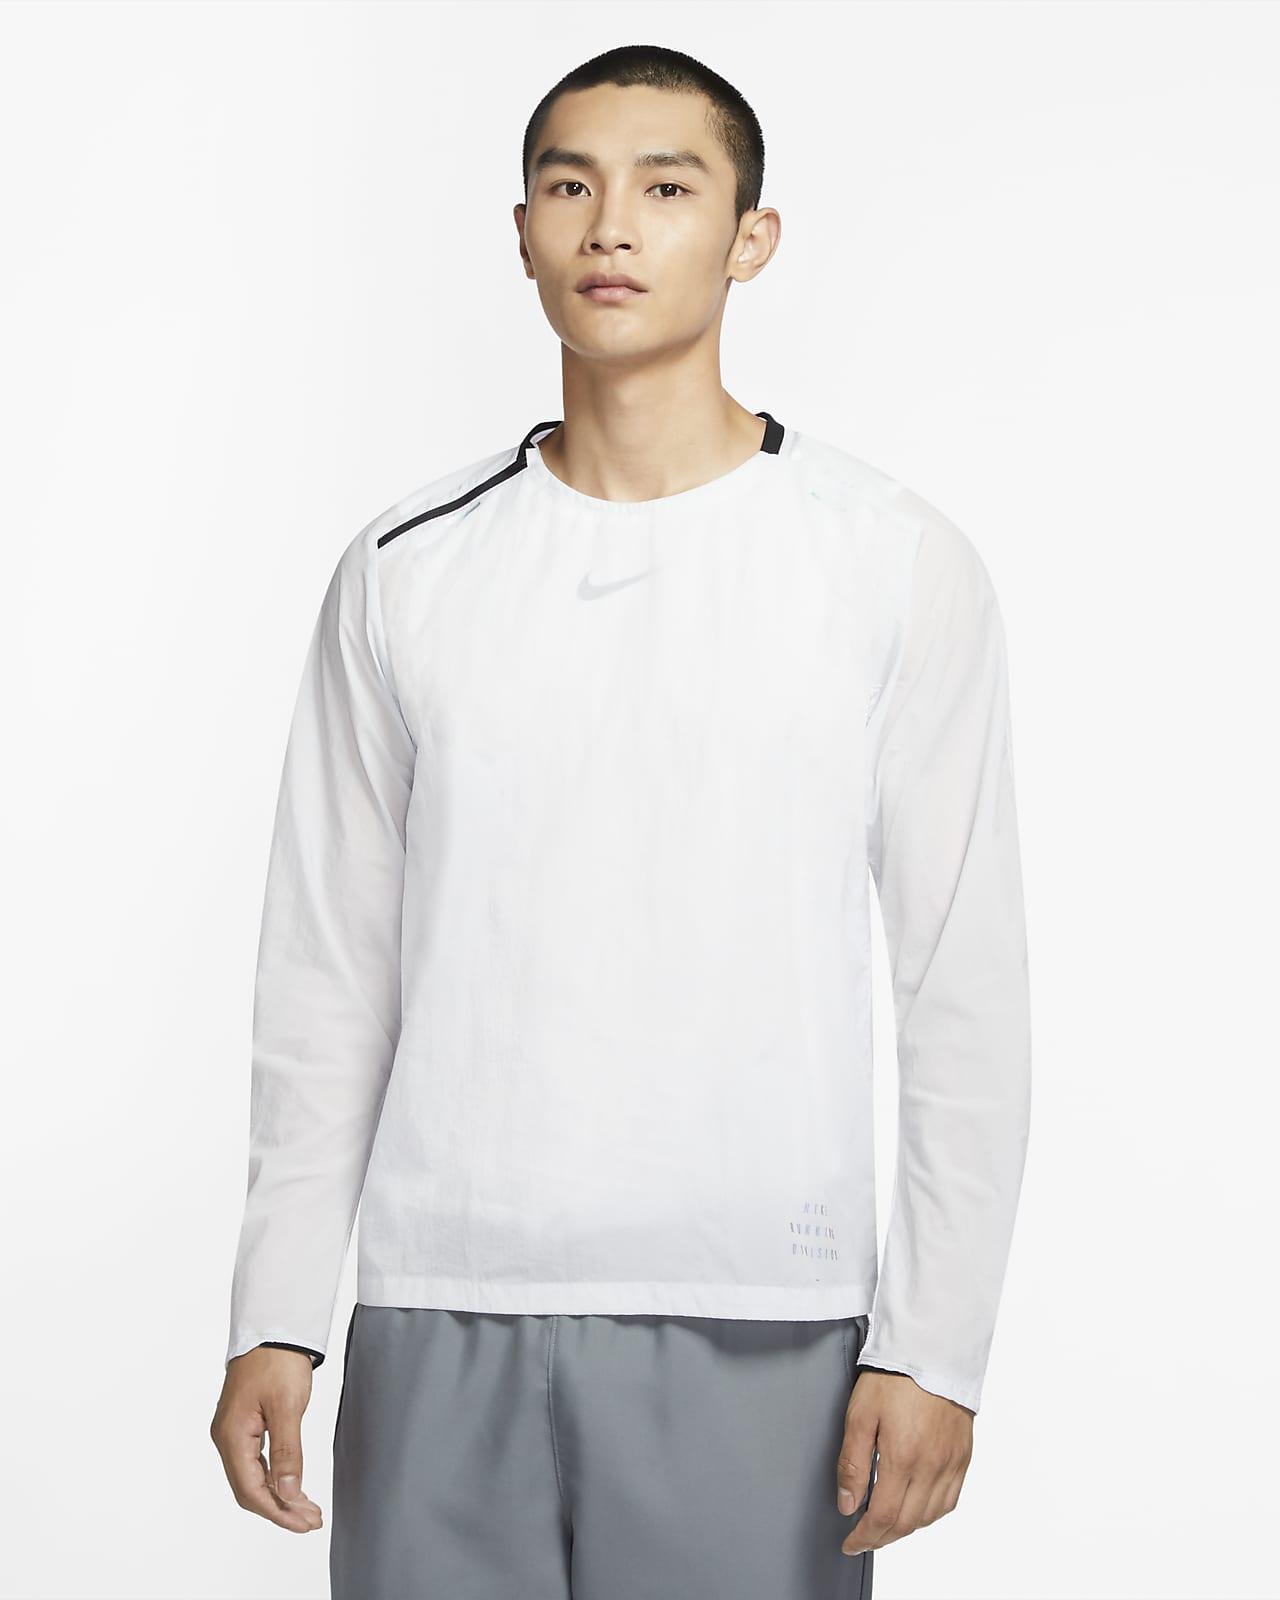 Camisola de running entrançada de camada intermédia Nike Run Division para homem